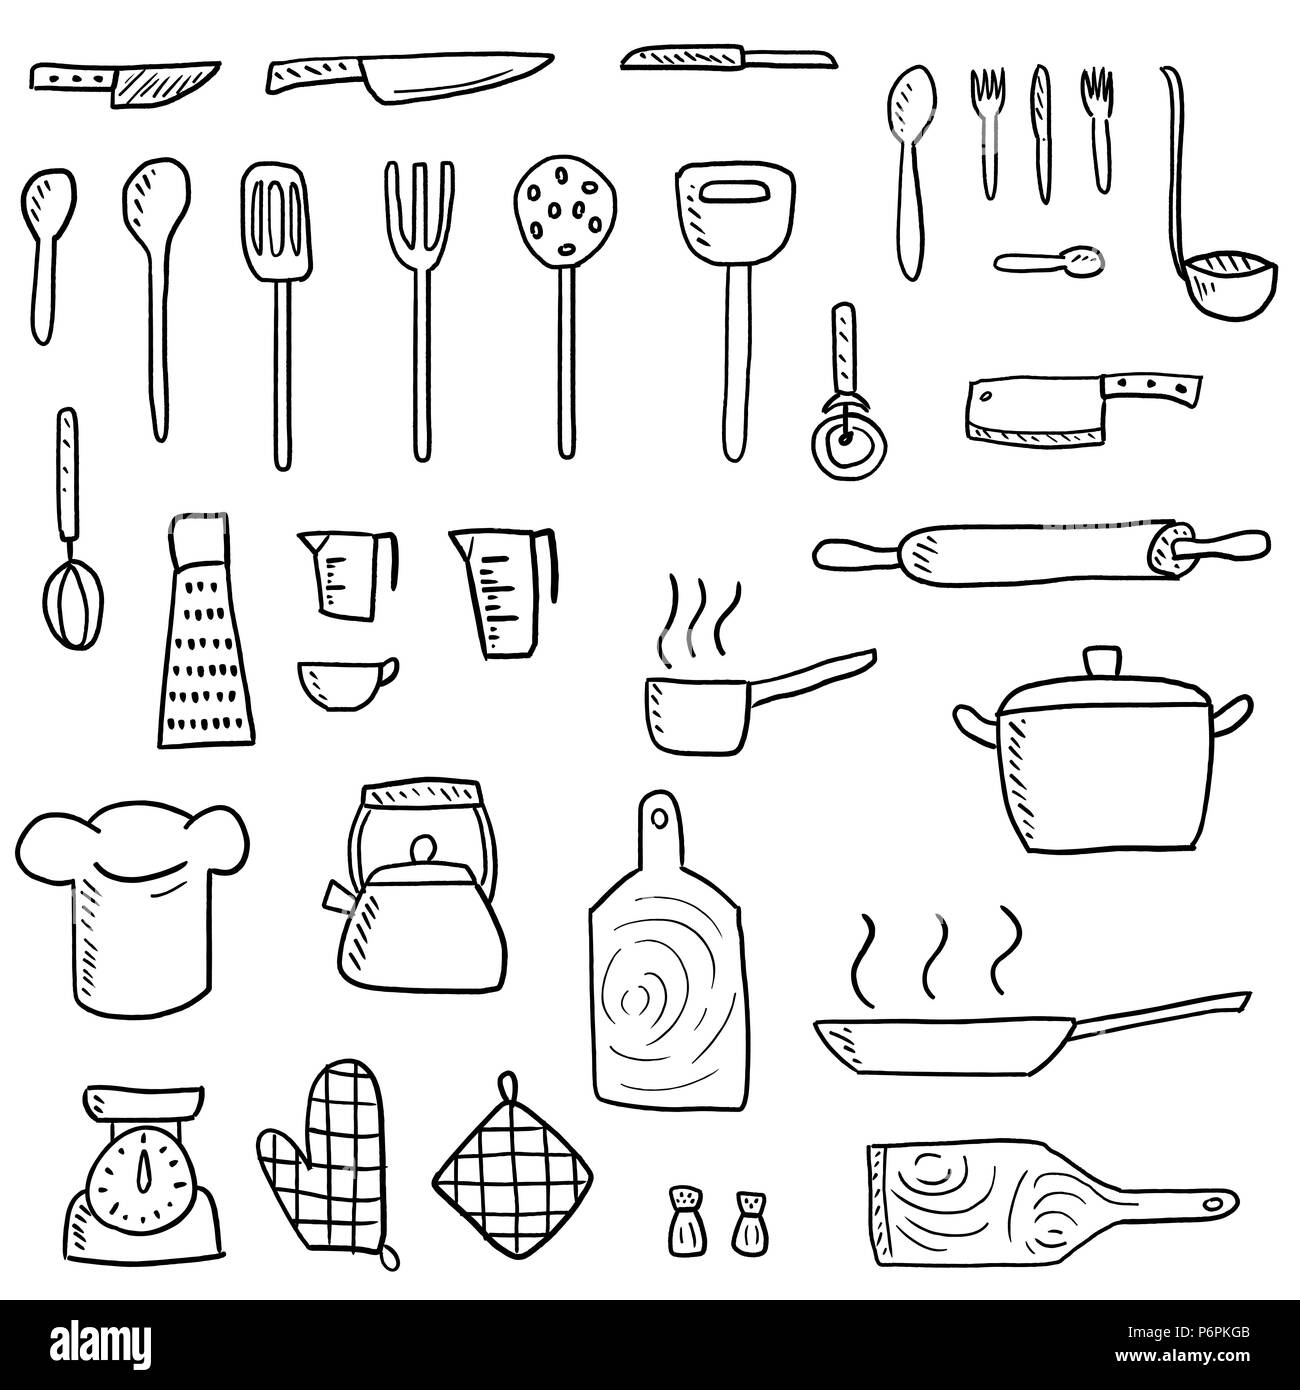 Küchenutensilien Symbole Vektor einrichten. Cute Küchengeräte doodle ...